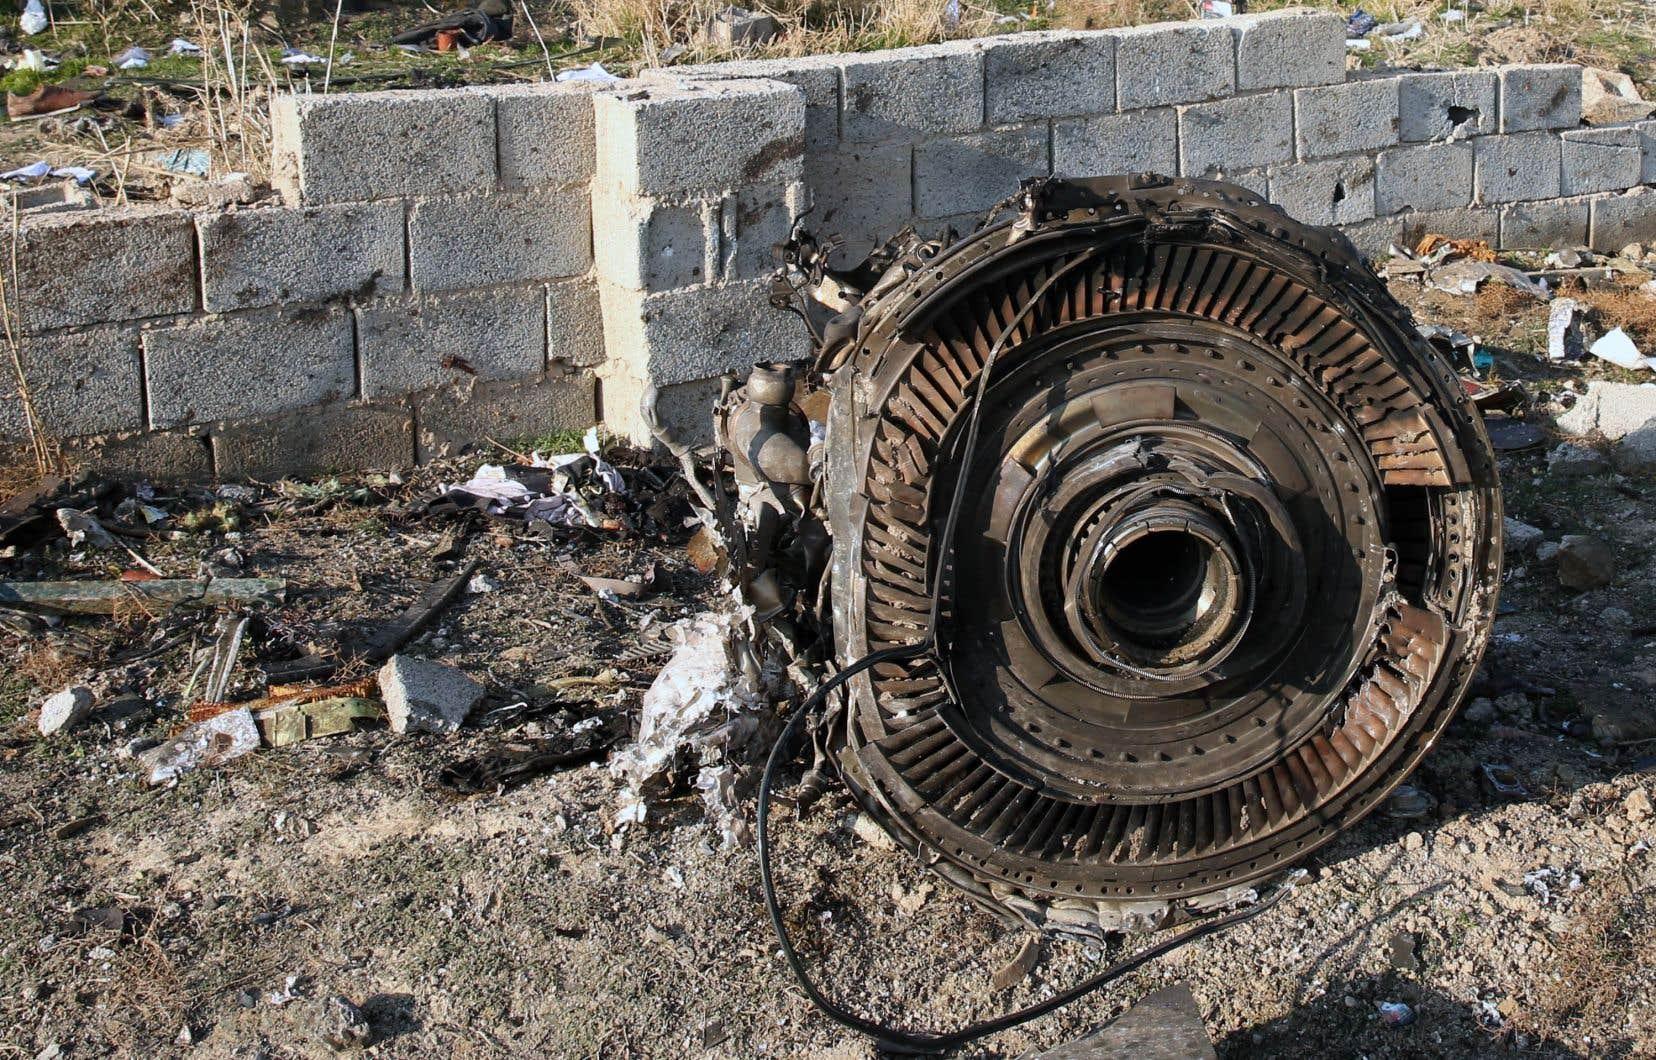 L'avion de ligne de la compagnie privée Ukraine International Airlinesa décollé mercredi matin de Téhéran en direction de Kiev avant de s'écraser deux minutes plus tard, tuant les 176 personnes à bord.